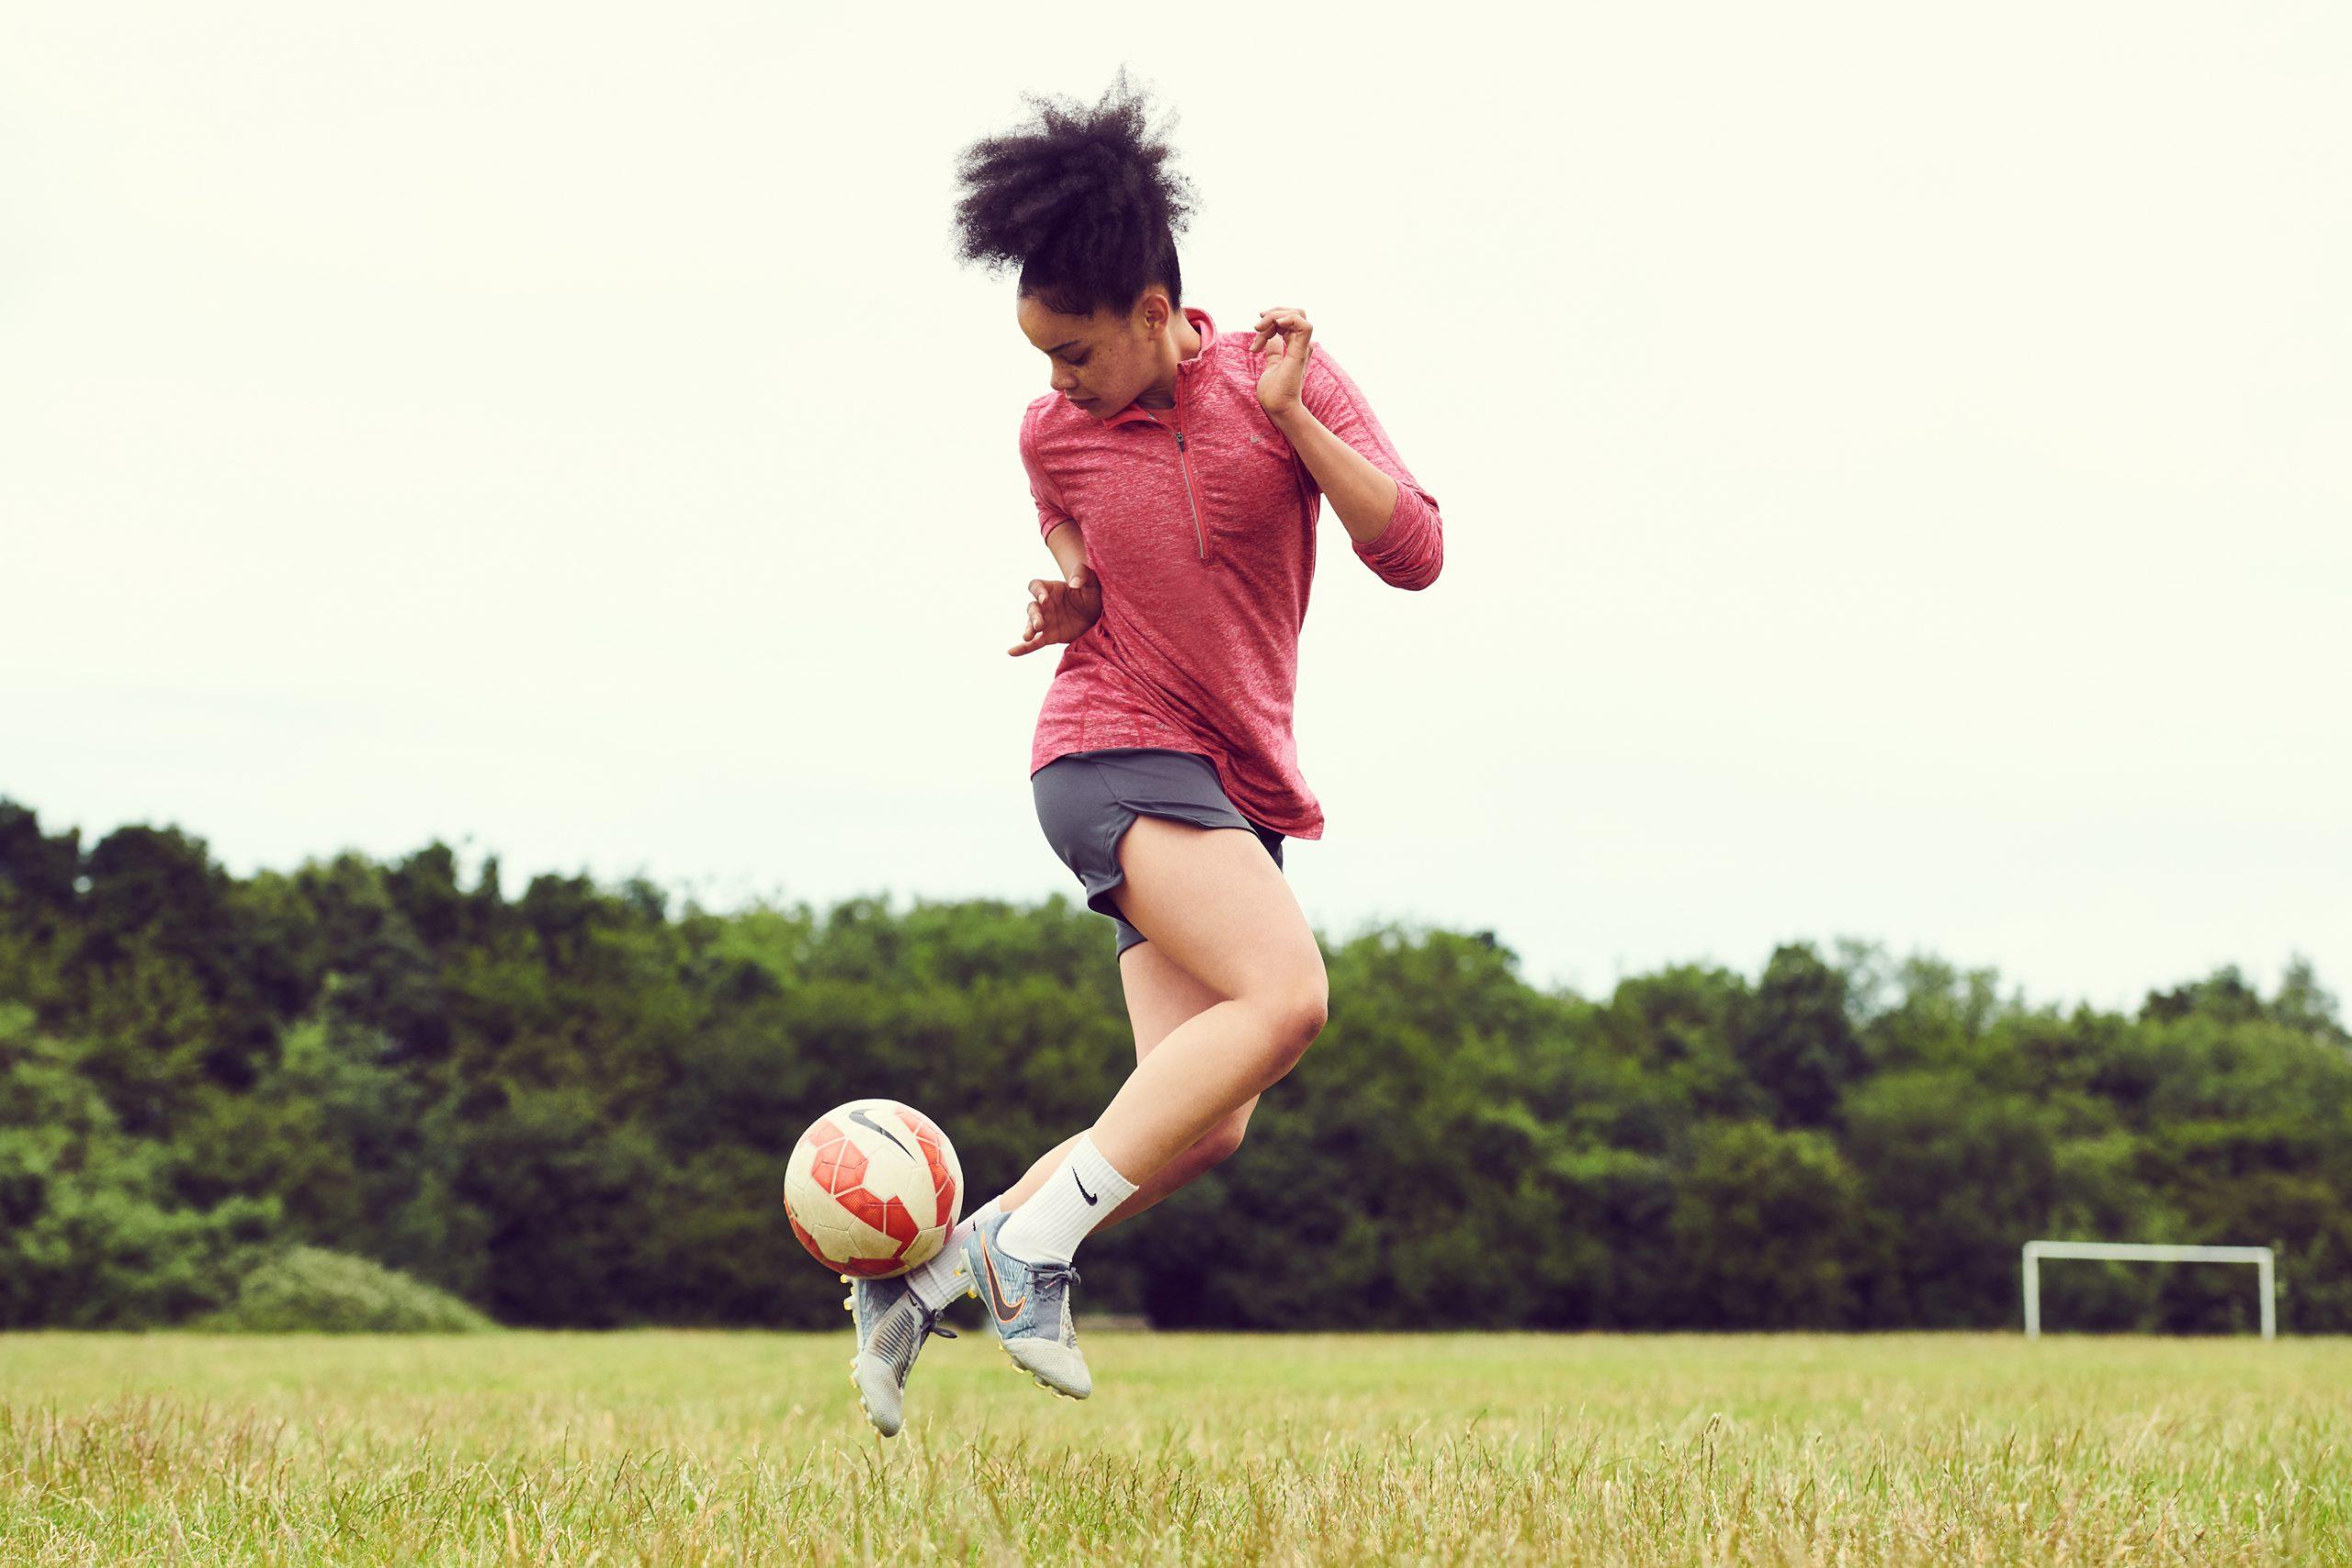 Forte_Jen-Footballer_0647